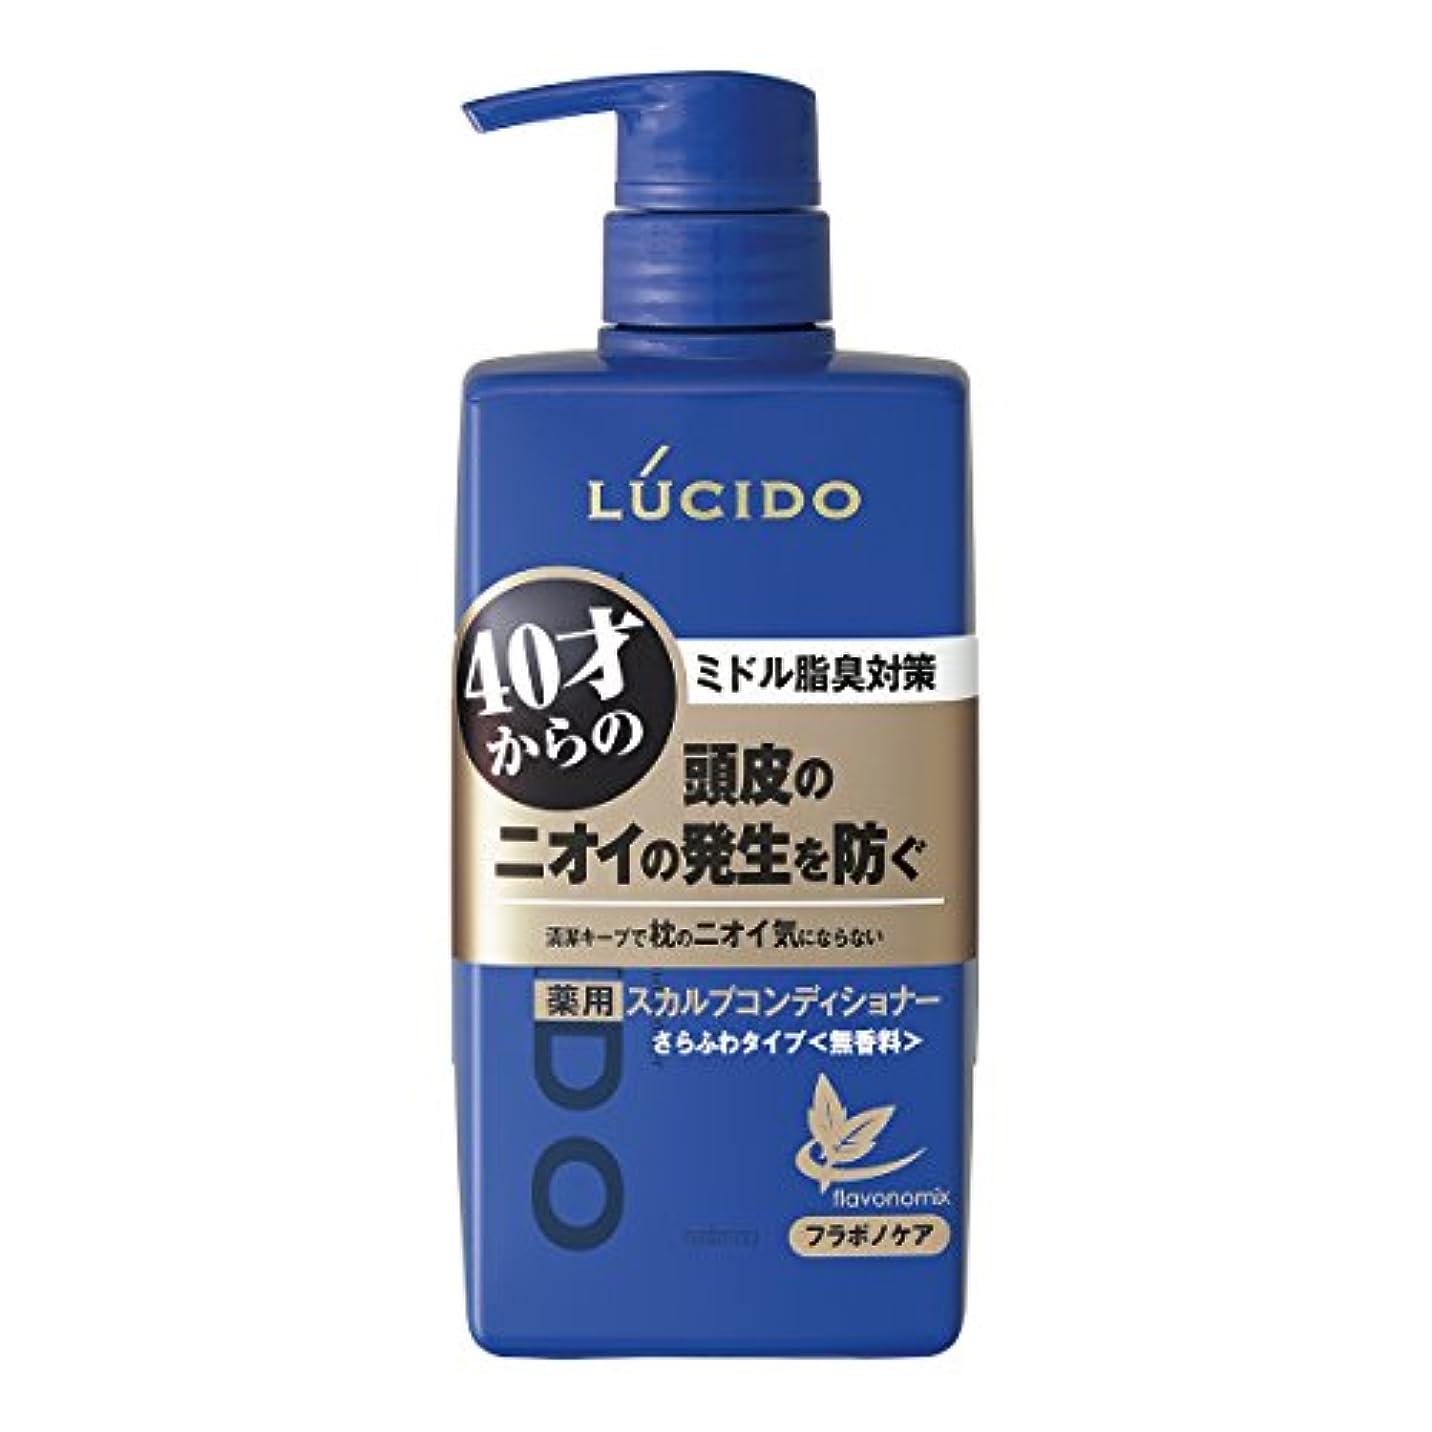 ライオン常識お互いルシード 薬用ヘア&スカルプコンディショナー 450g(医薬部外品)